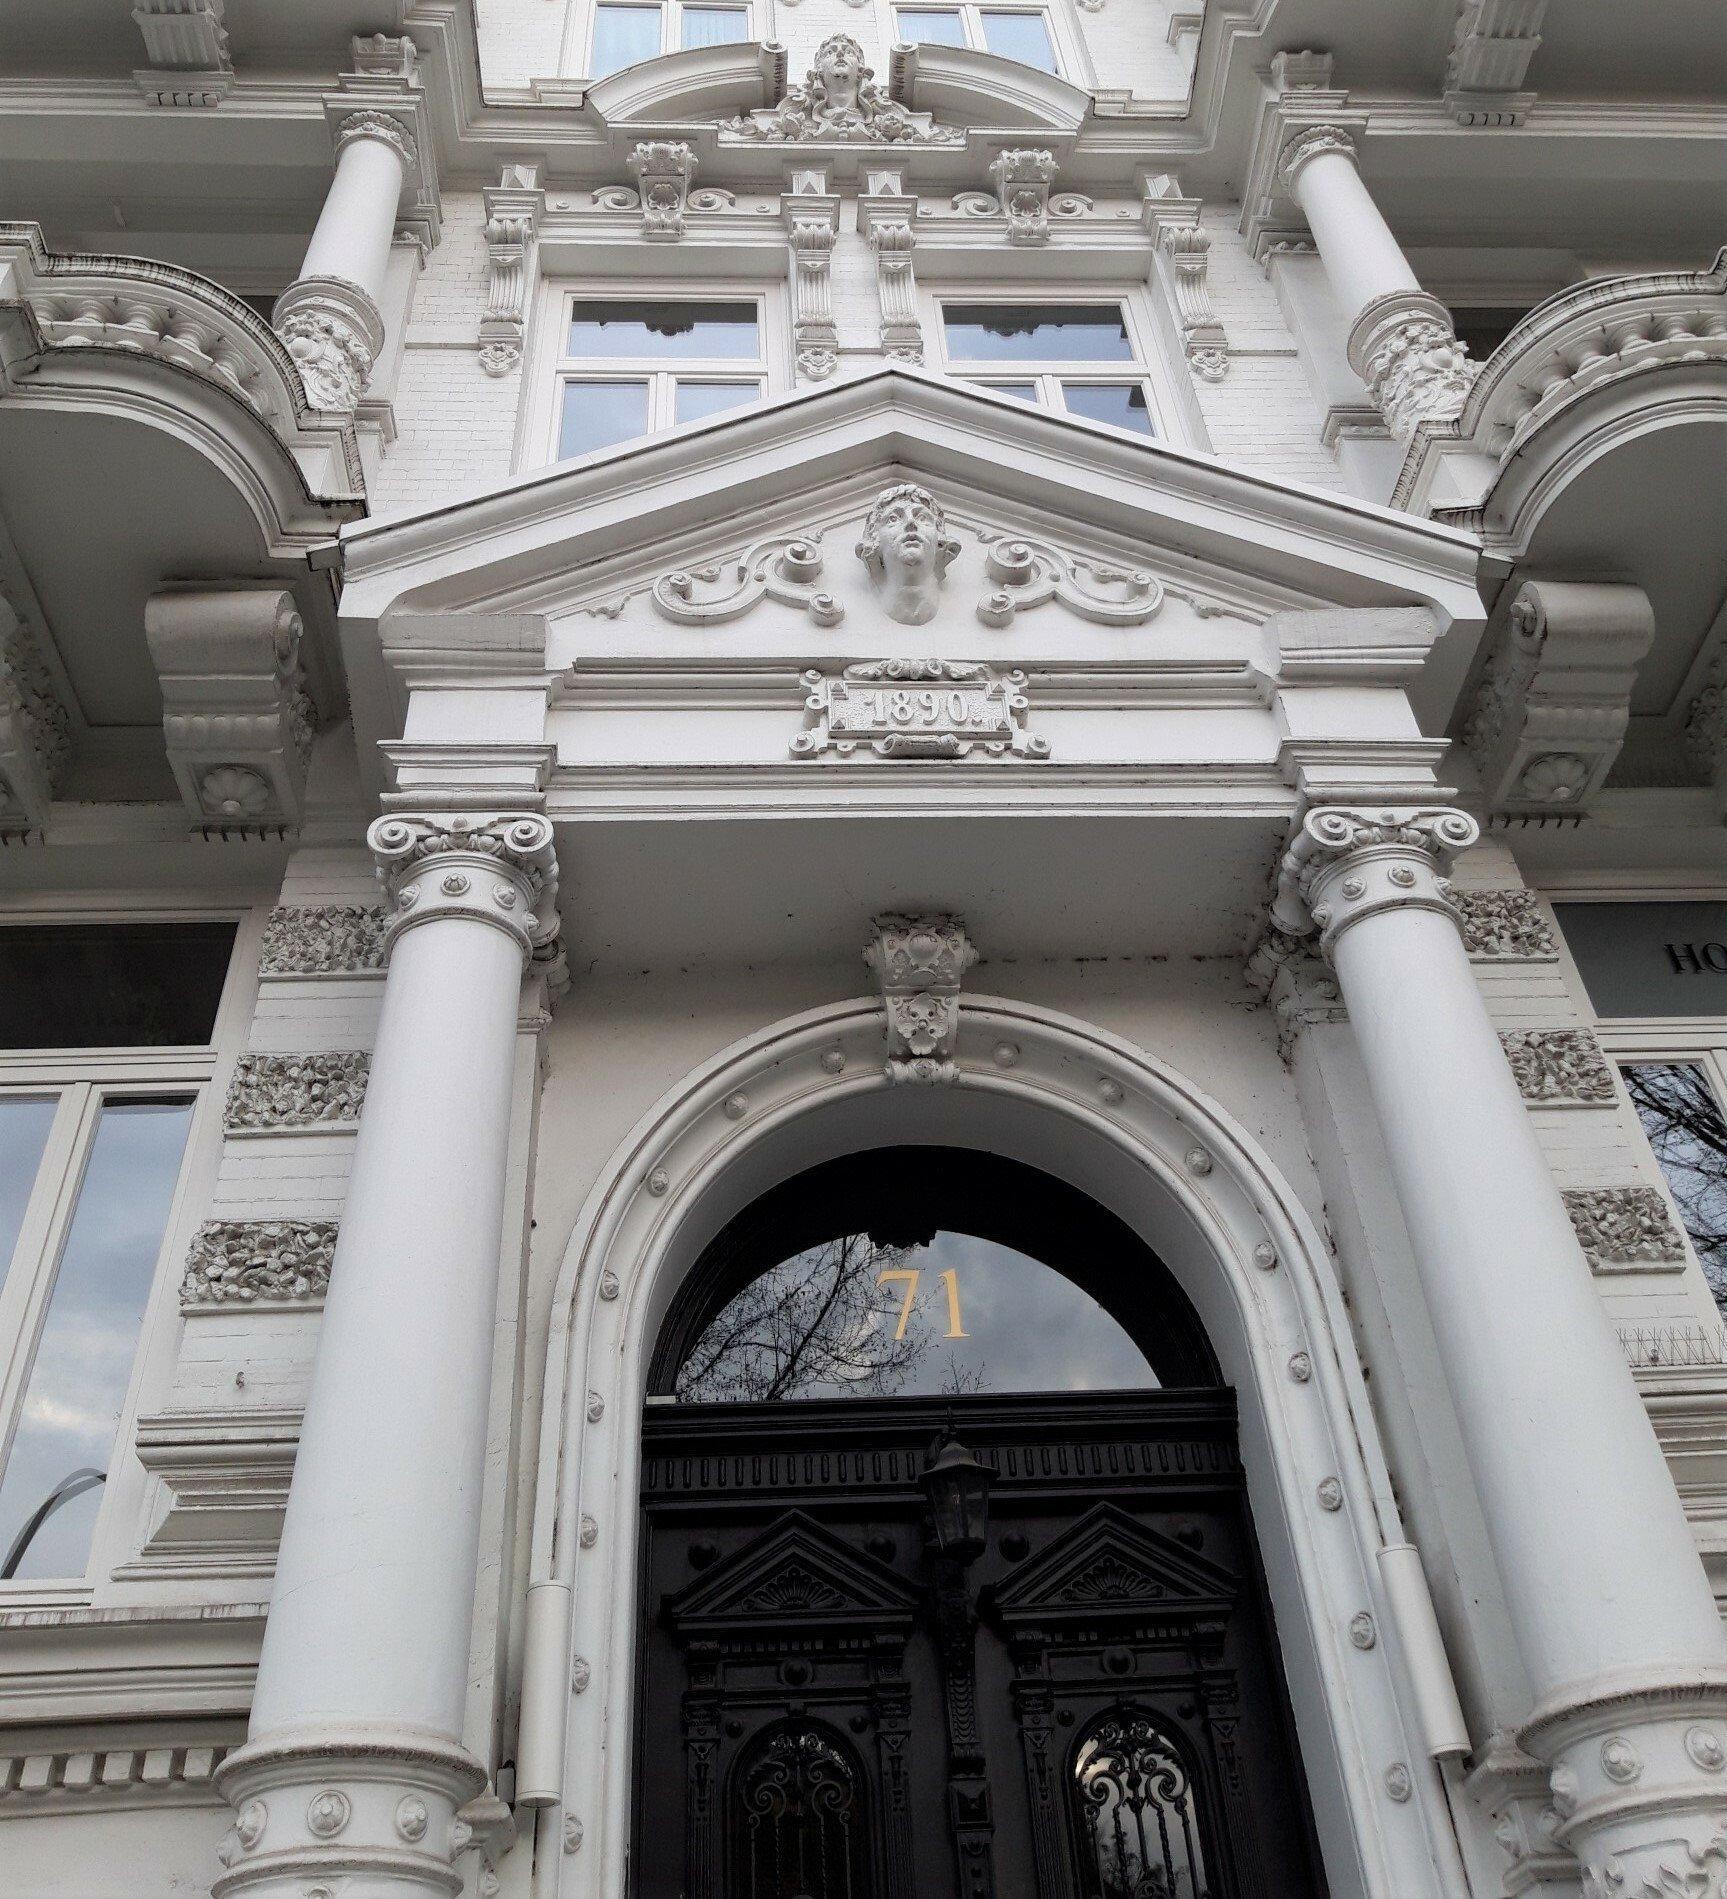 Üppig verzierte, weiß gestrichene Fassade eines Gründerzeitbaus, der bereits Jugendstil-Elemente enthält. Hausnummer 71steht auf dem Glasfenster über der dunkelbraunen Holztür.